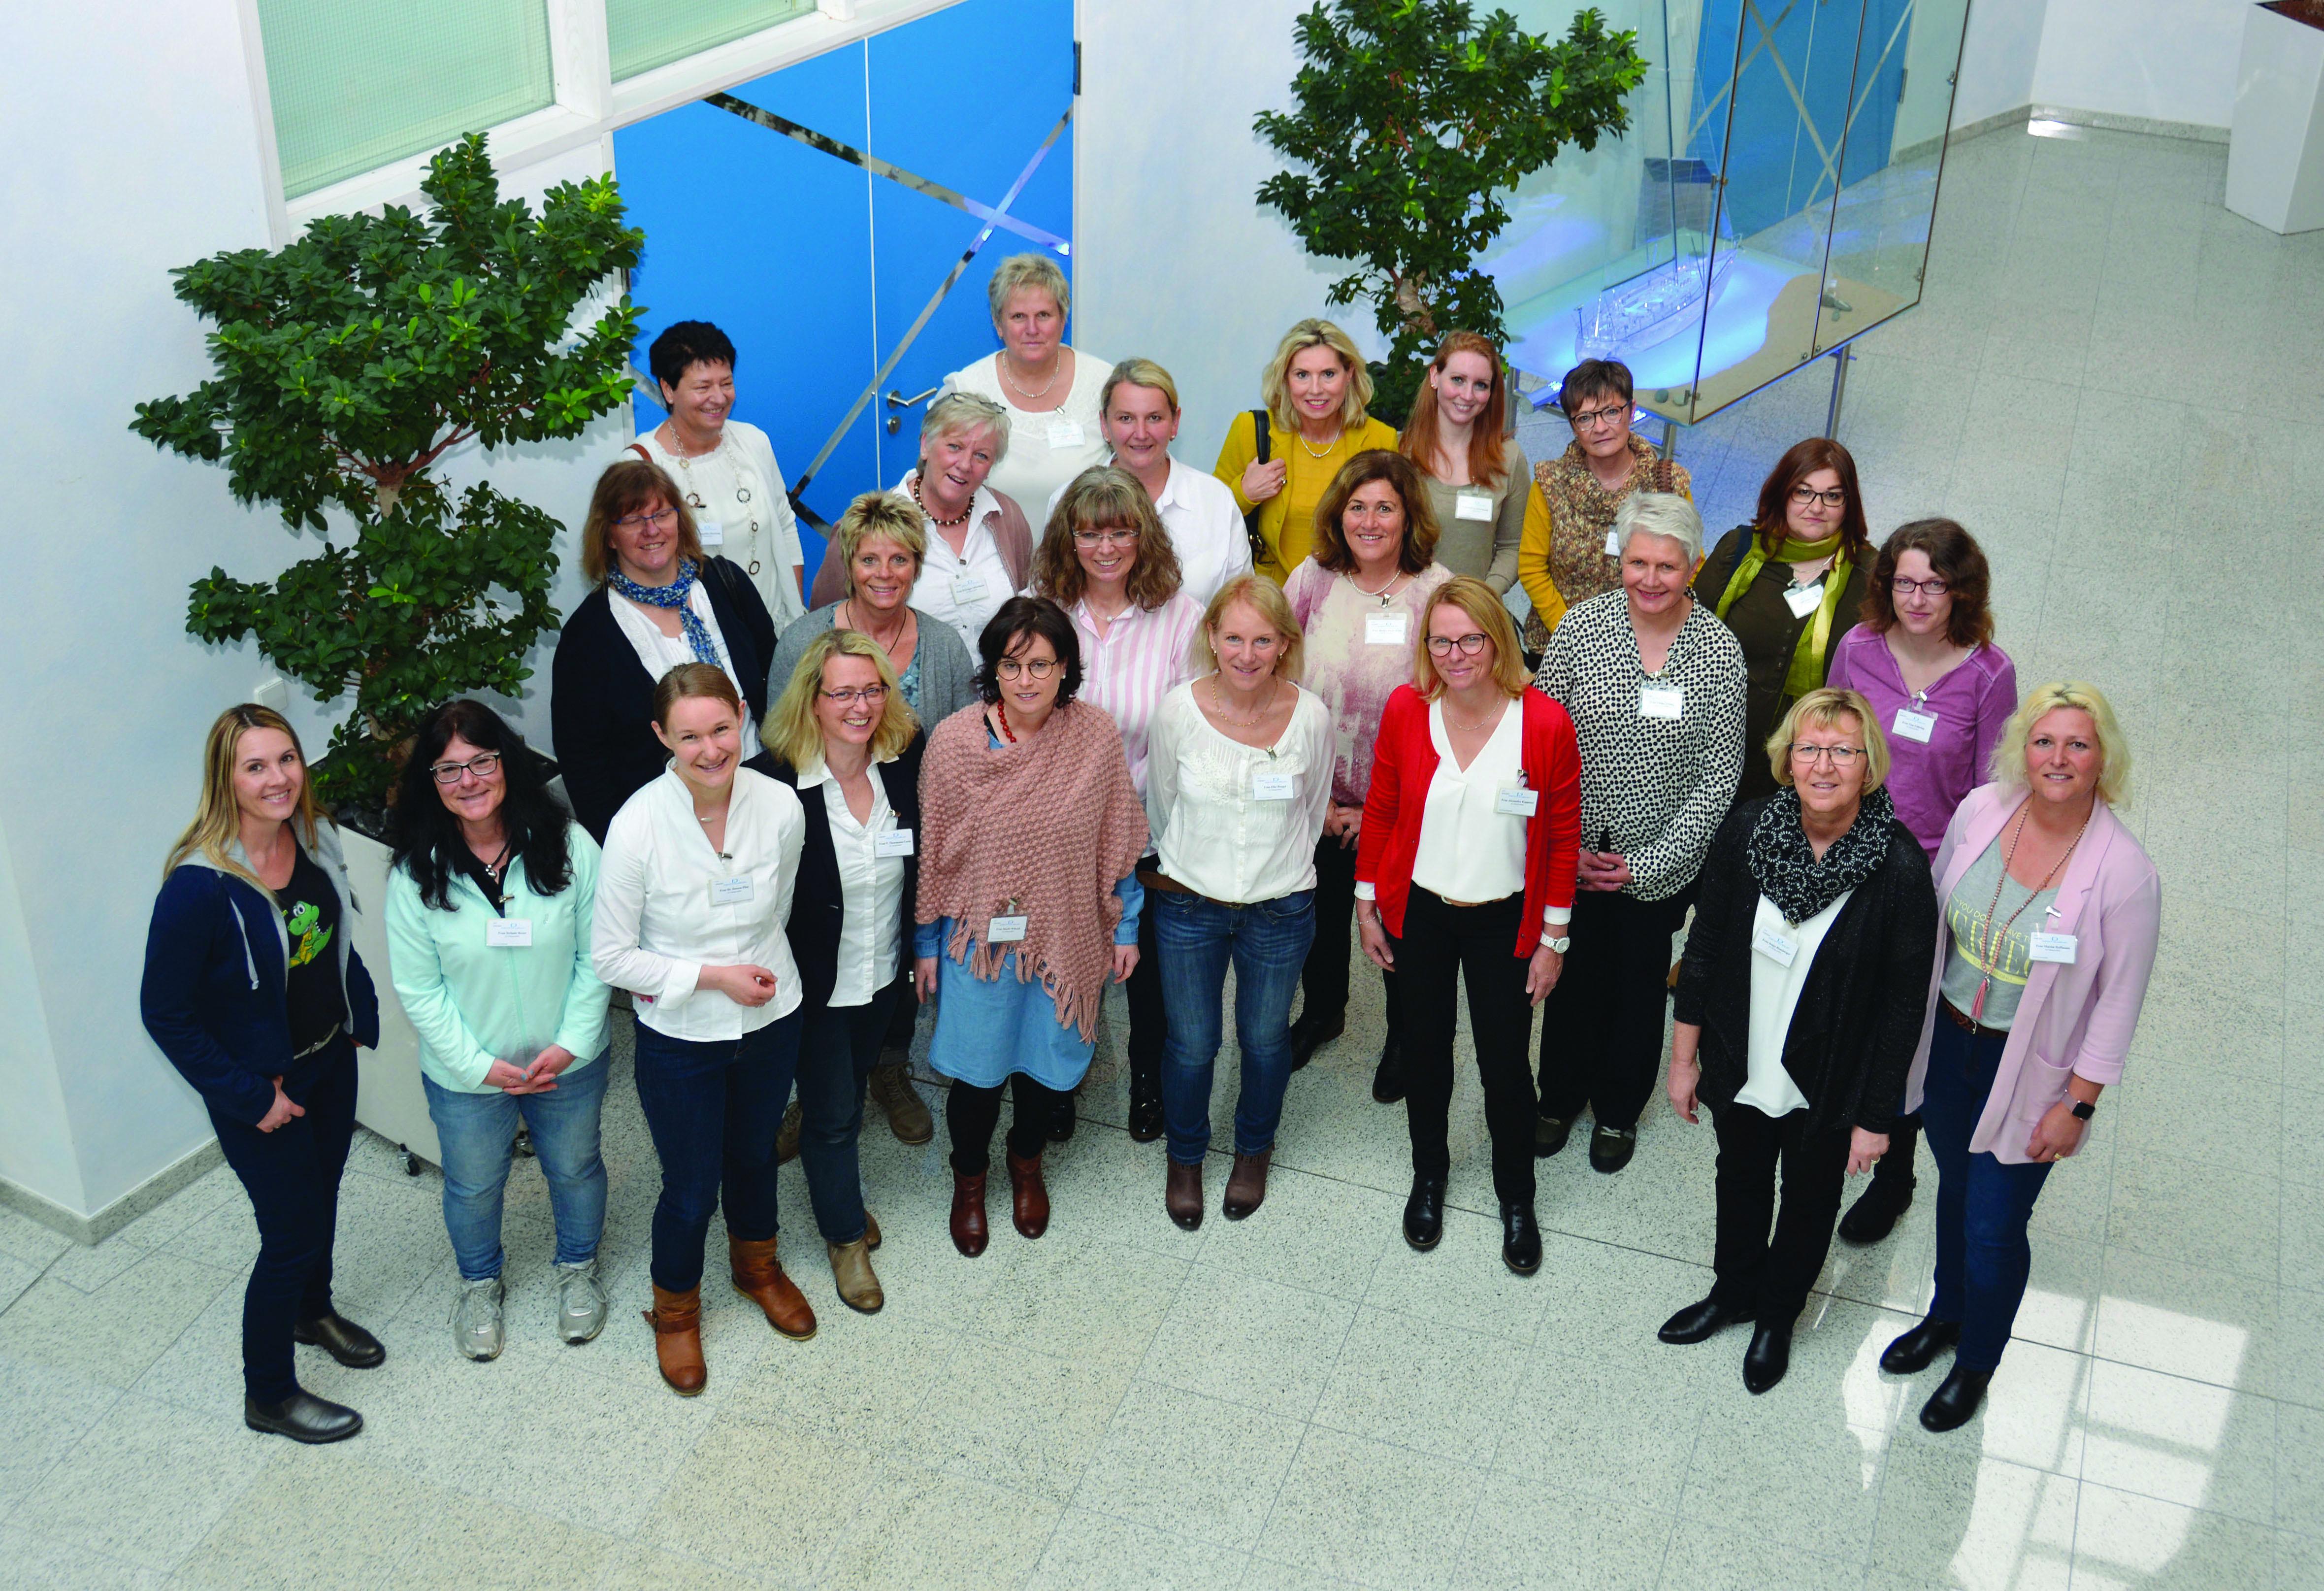 Mehr als 20 Mitglieder der AGs Zahngesundheit im Raum Karlsruhe nahmen an der Medienbörse teil